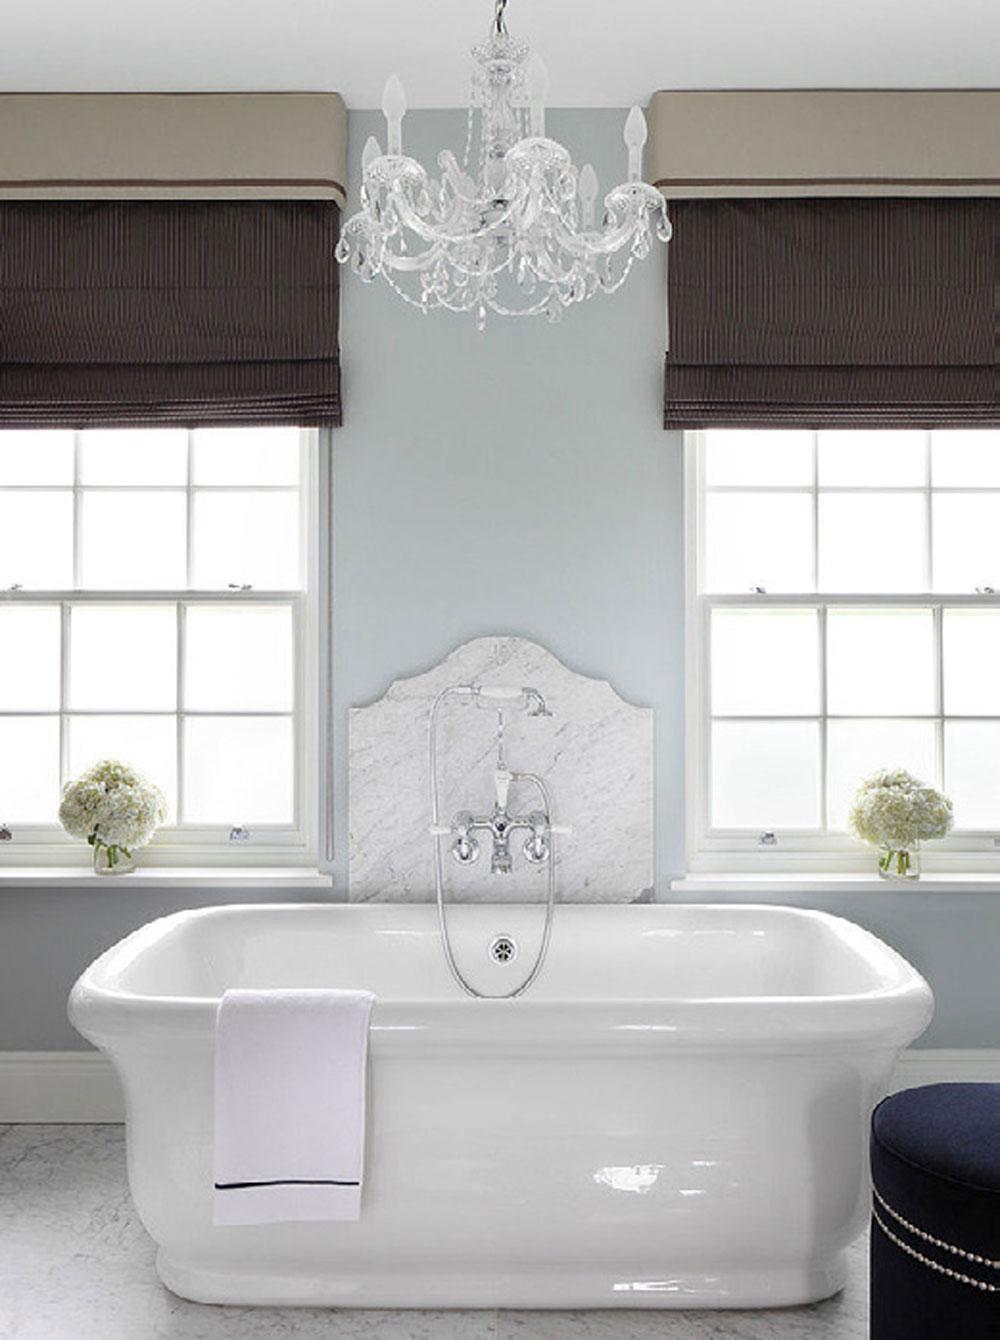 Contemporary-Home-Design-Ideas-12 Contemporary Home-Design-Ideas